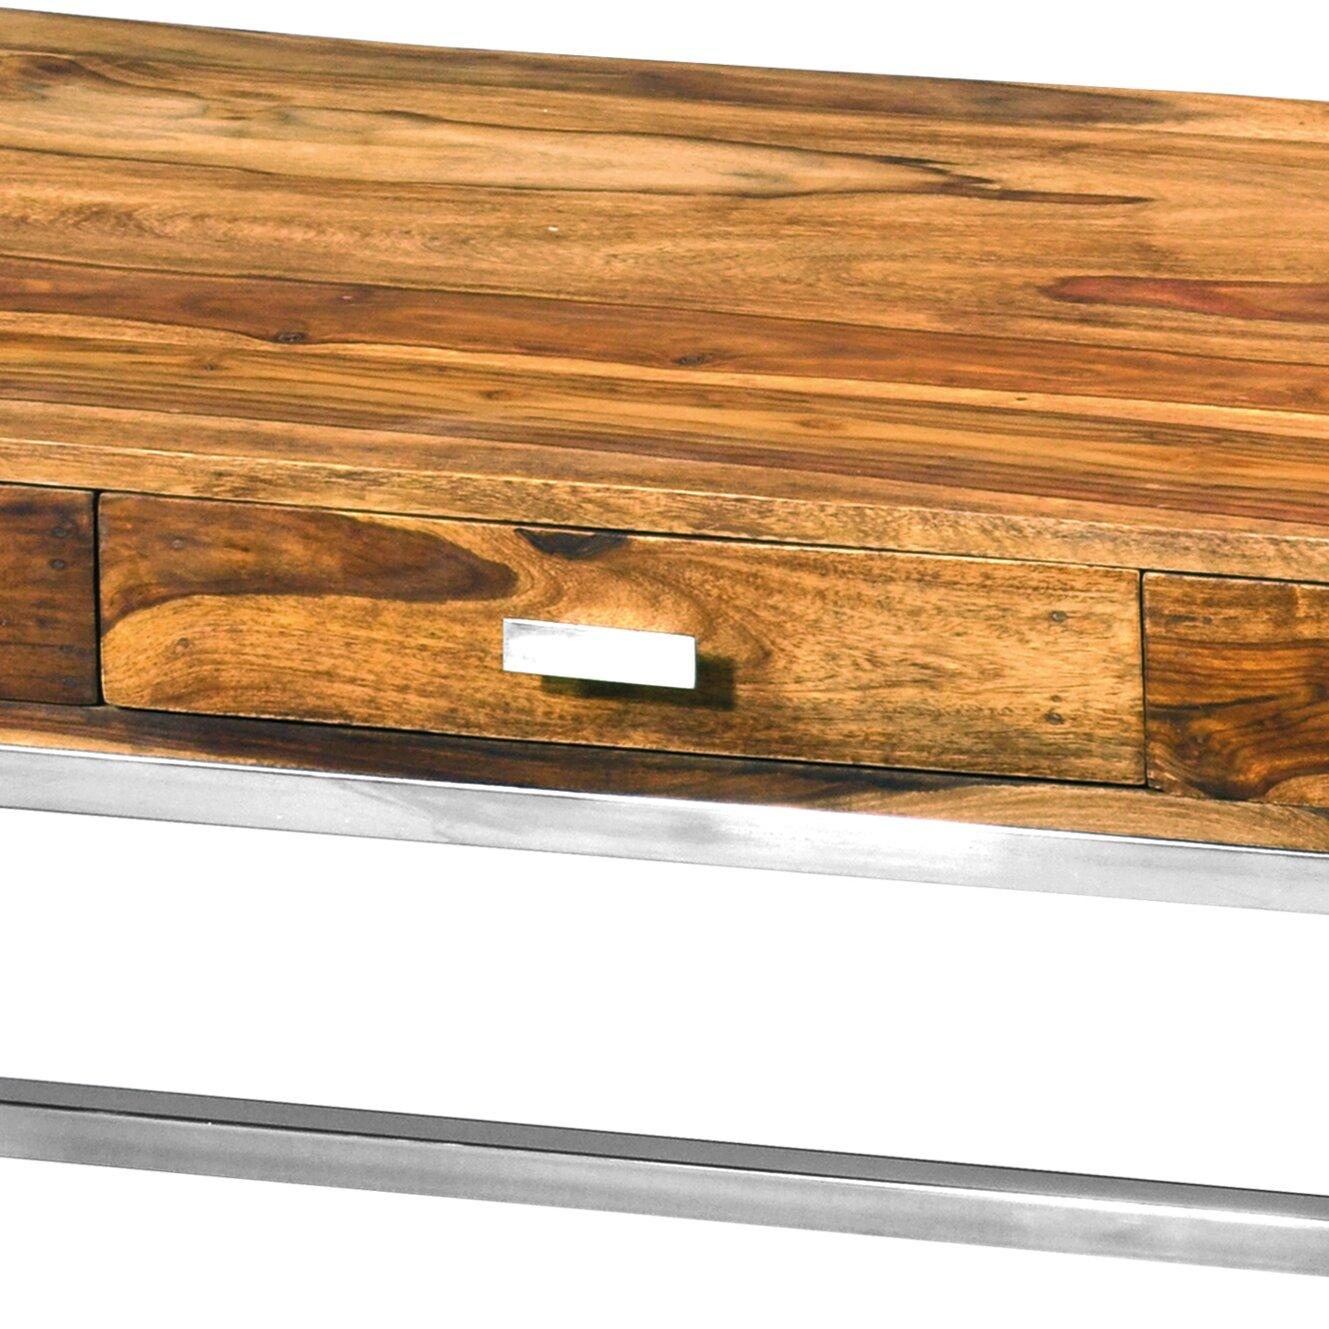 dCor design Couchtisch Arga mit Stauraum  Wayfairde